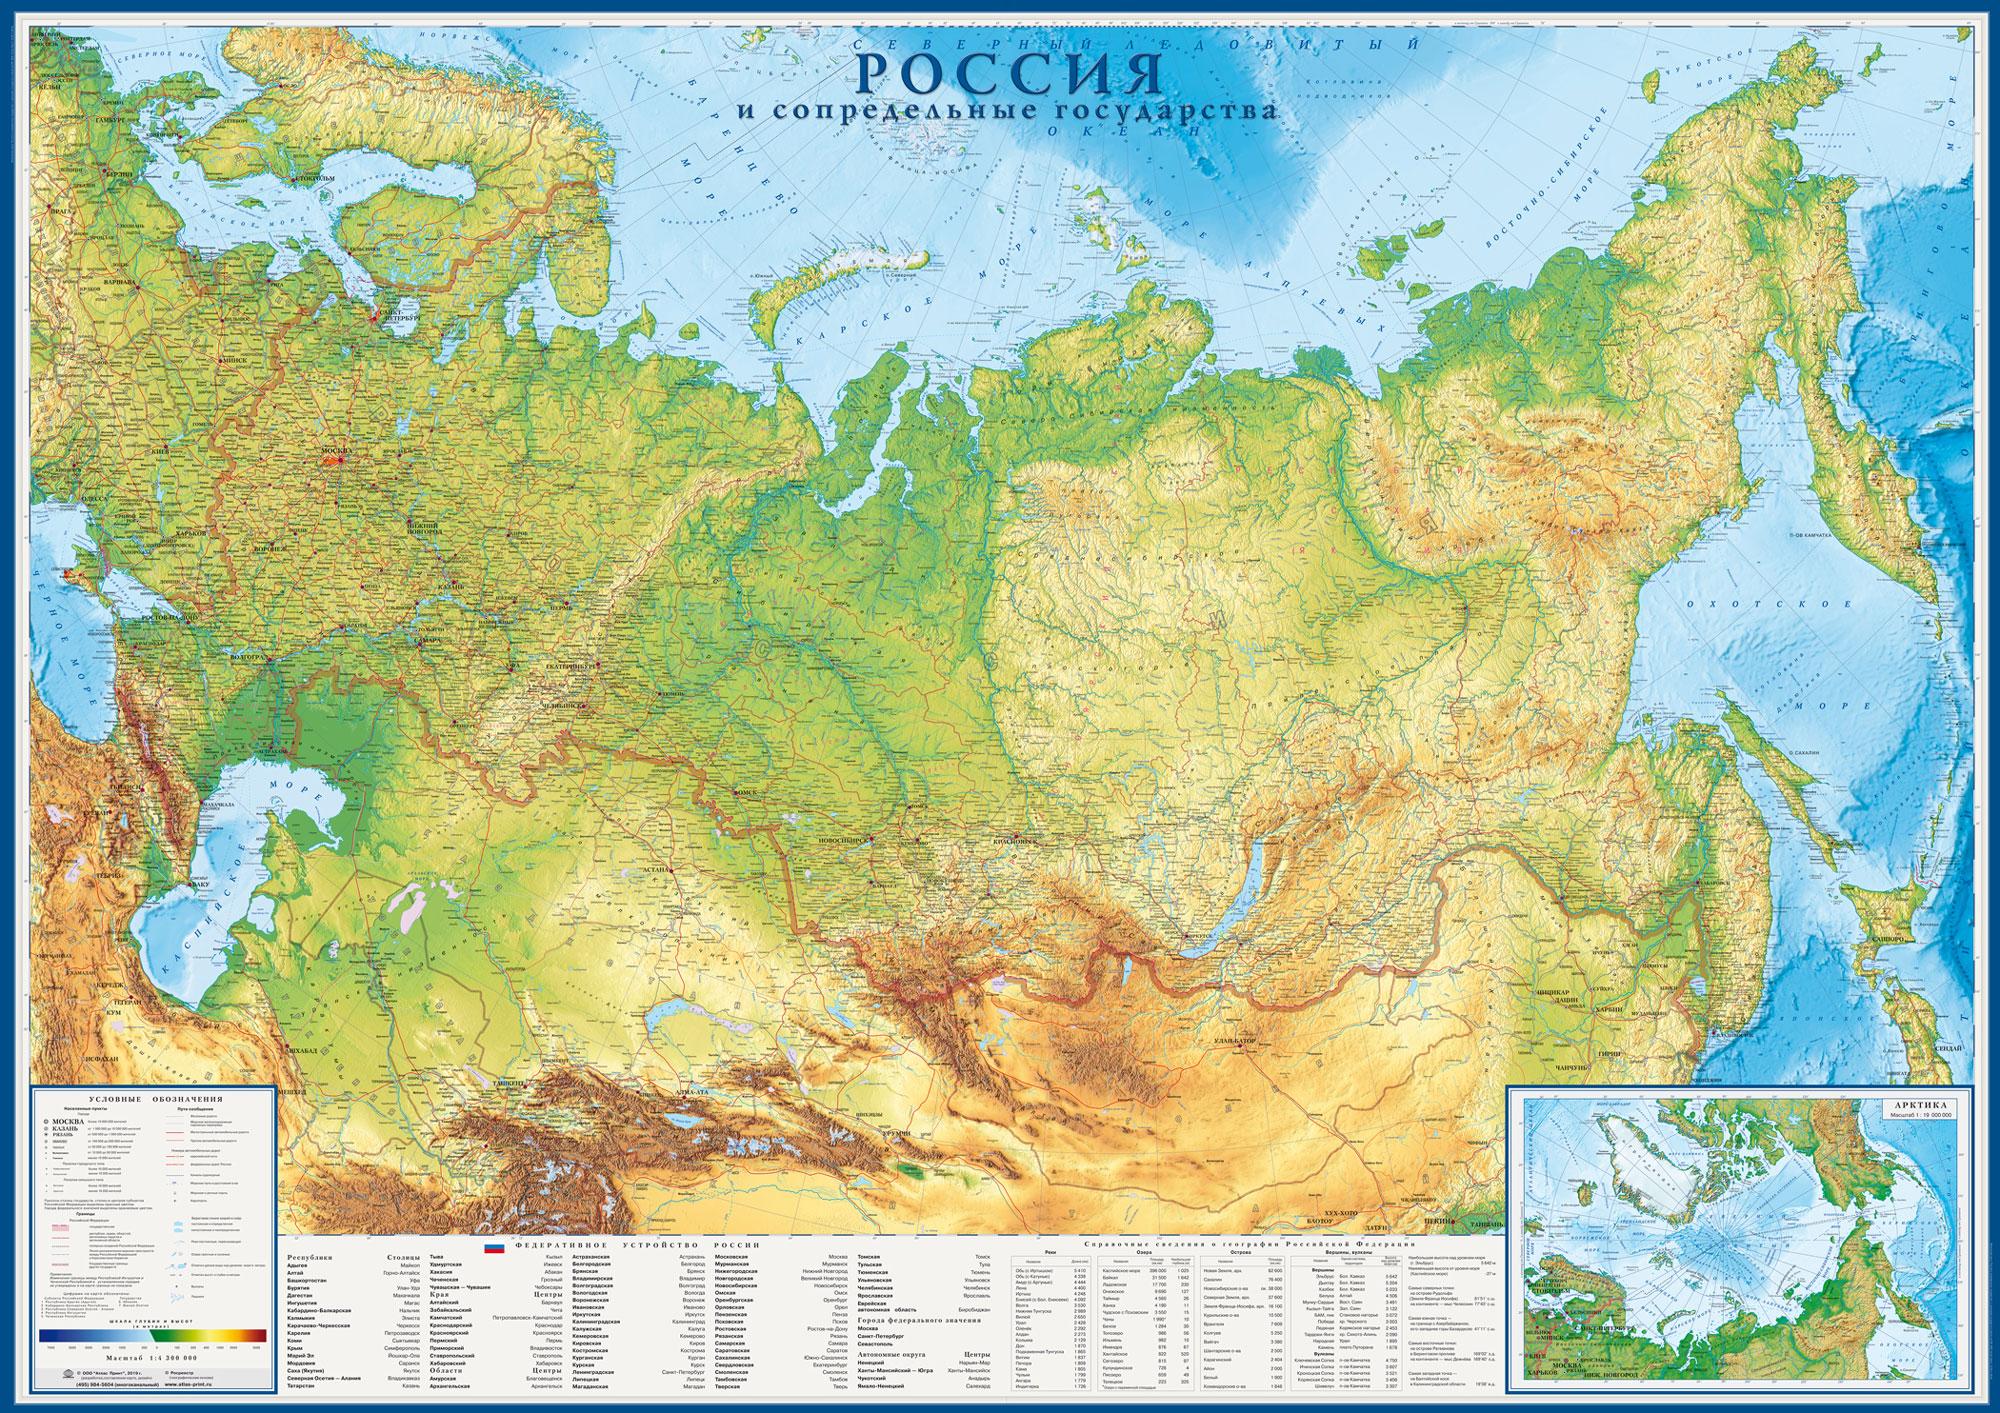 Настенная карта России и сопредельных государств (физическая) с границами субъектов РФ 2,02*1,43 м, матовая ламинация